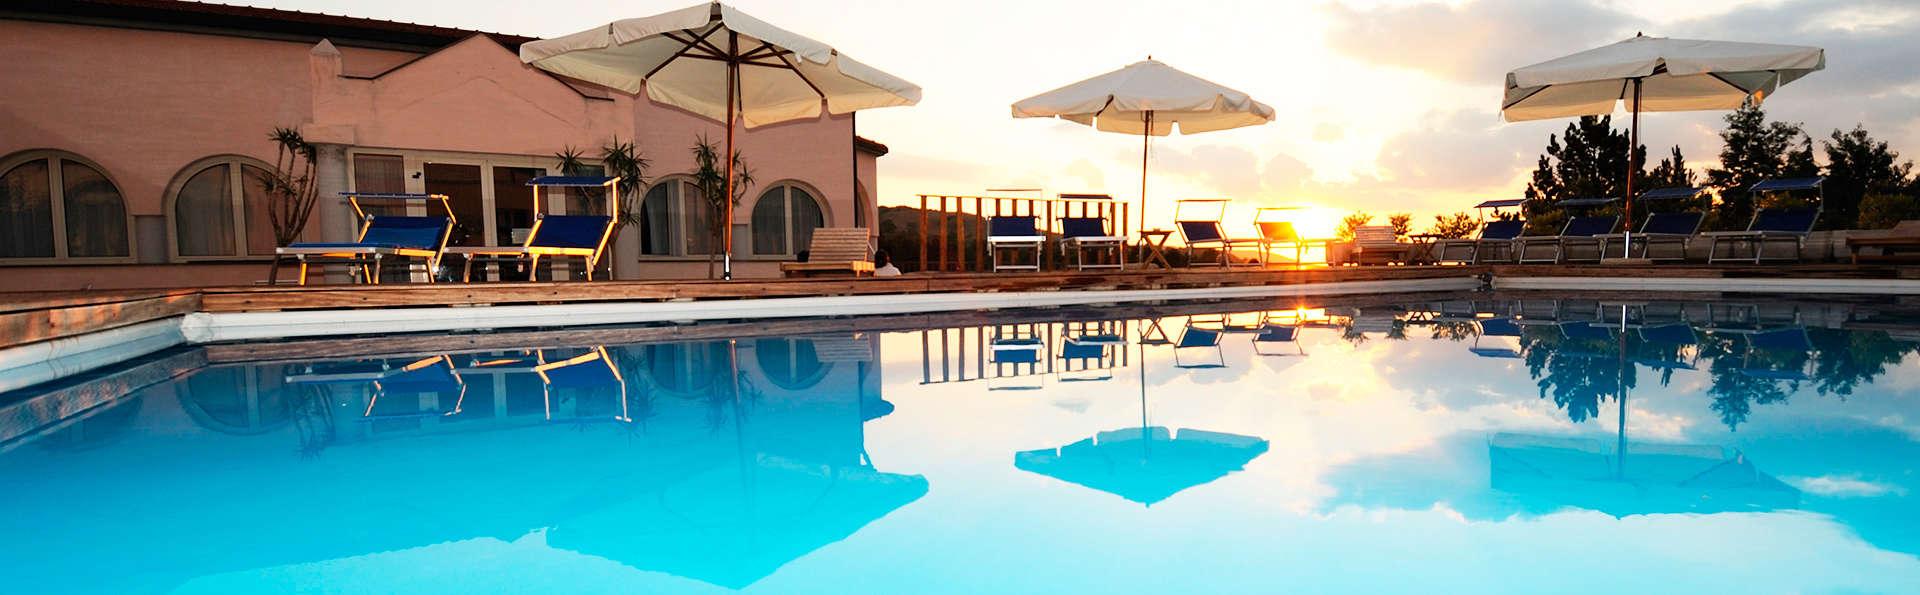 Park Hotel Spa & Resort - EDIT_pool.jpg